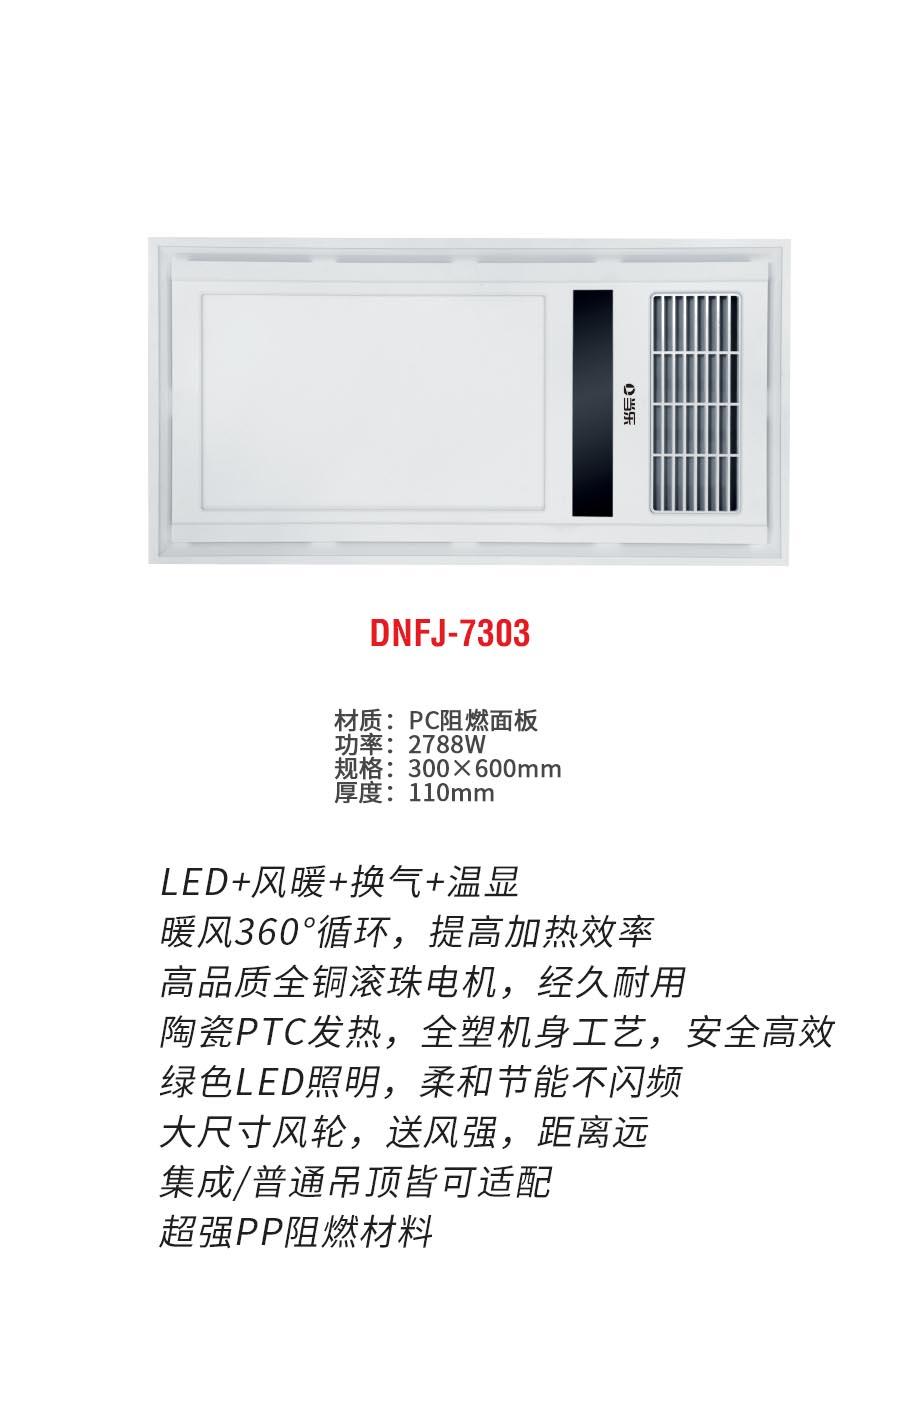 DNFJ-7303b.jpg